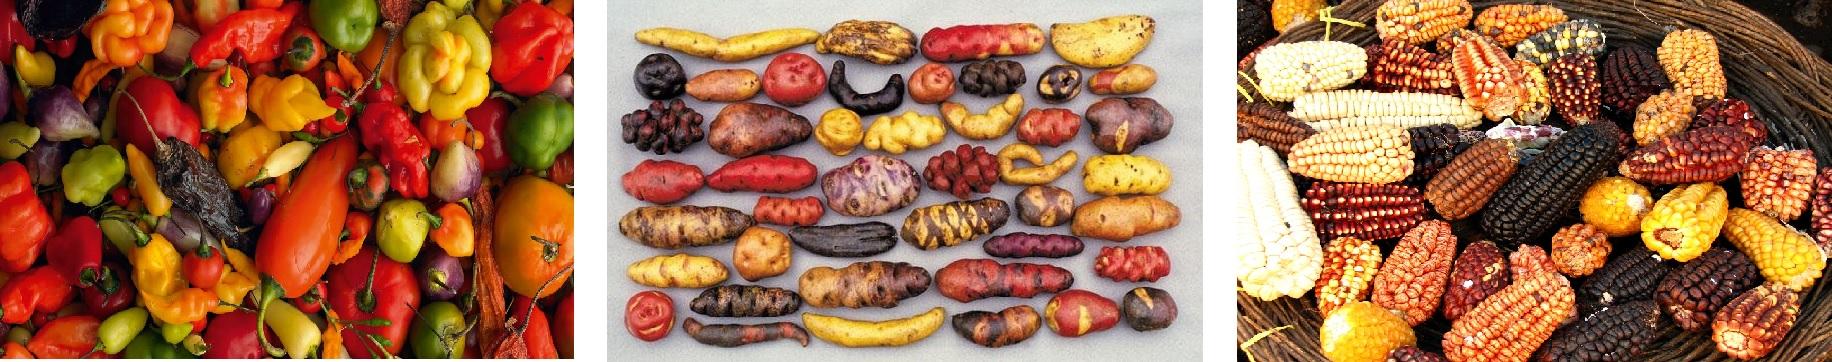 chili-majs-kartofler